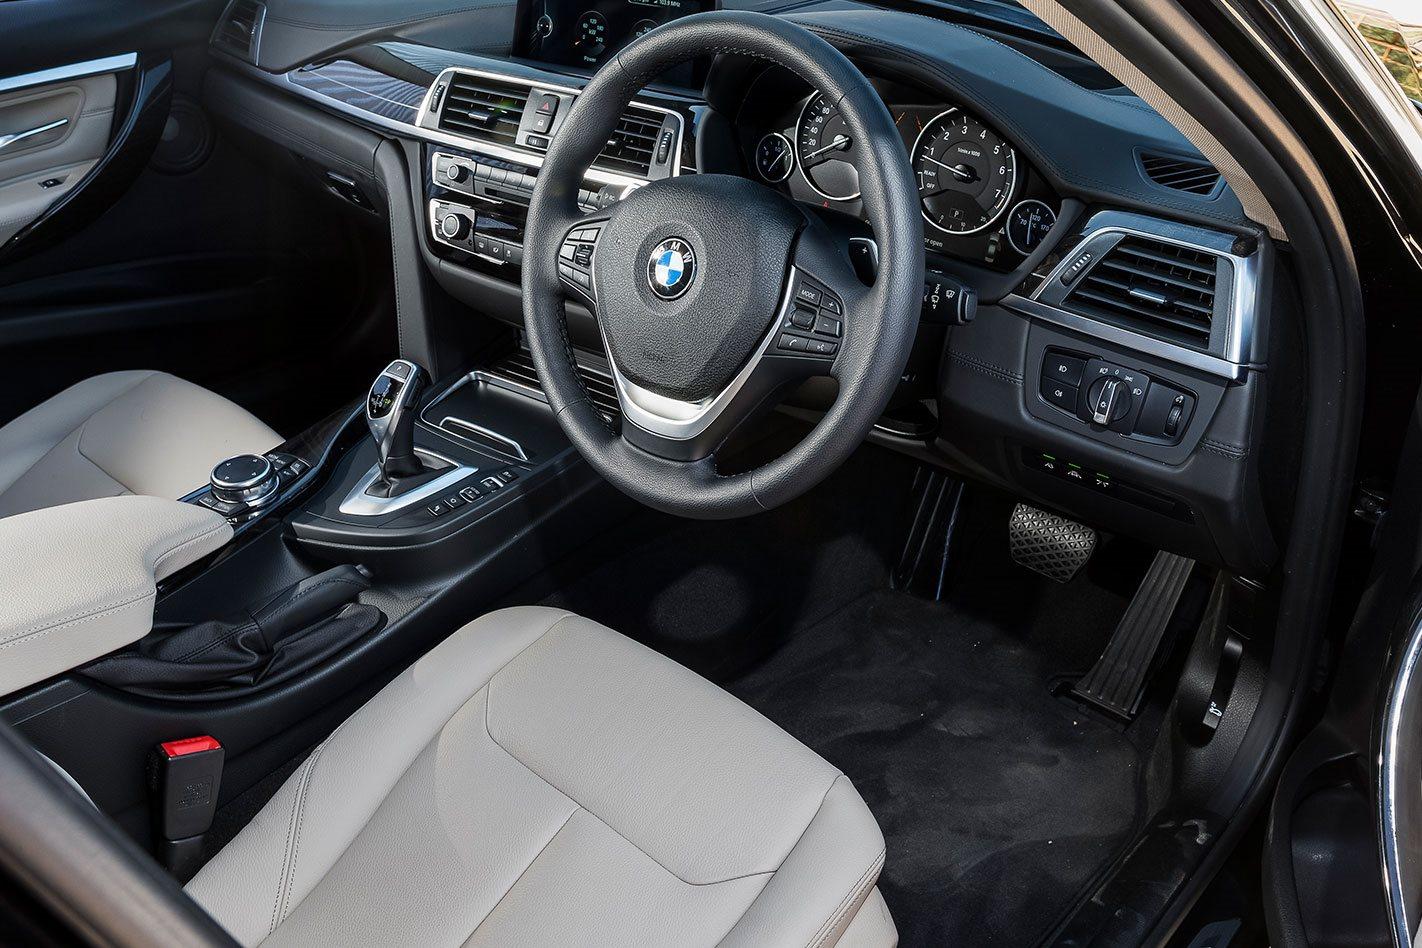 BMW 340i interior